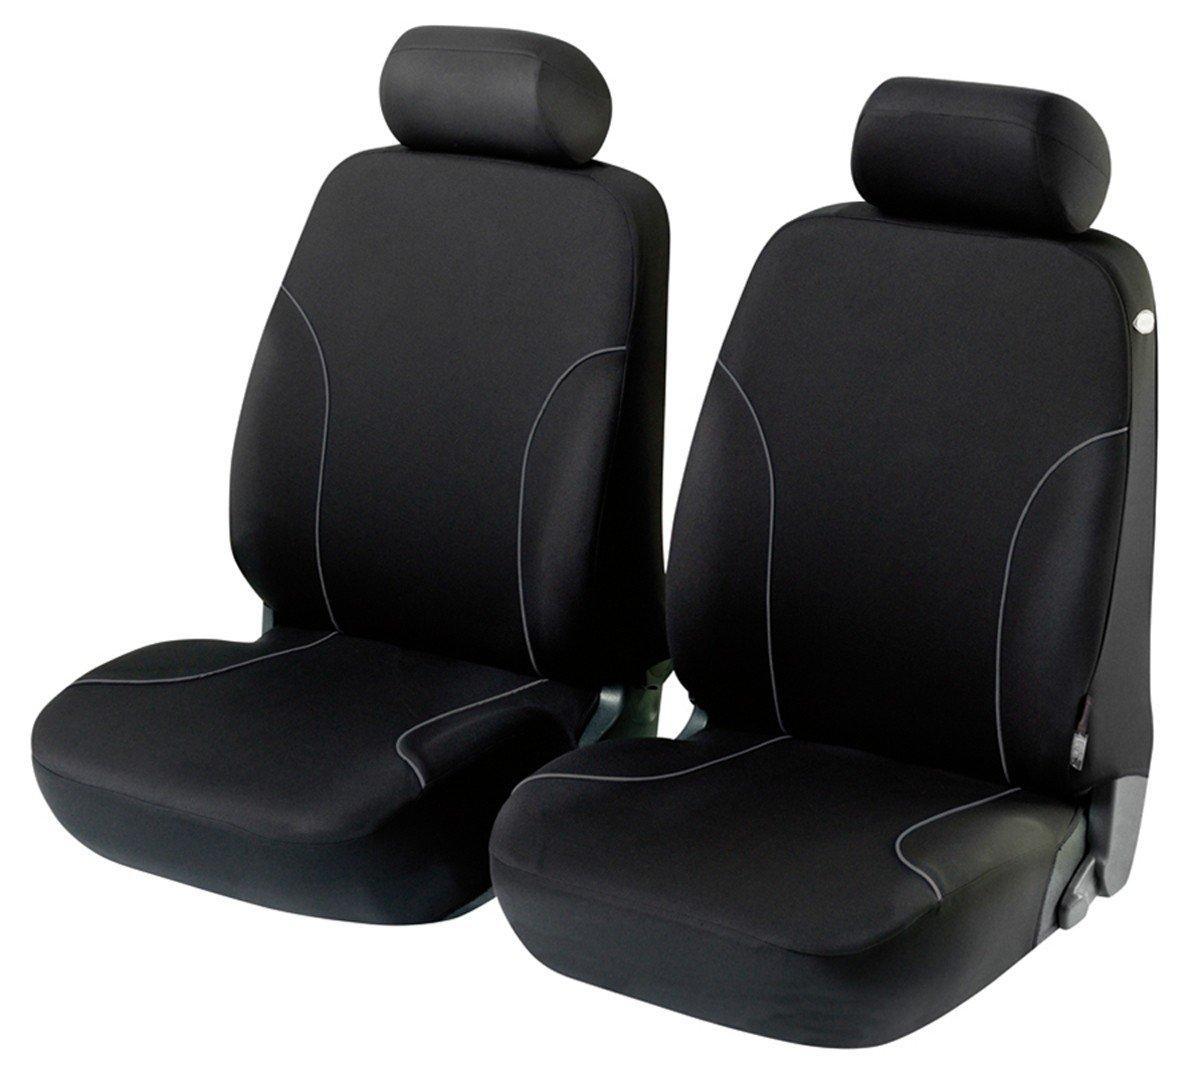 Timon 61008, Housses pour sièges de voitures auto, Garniture pour sièges avants, noir